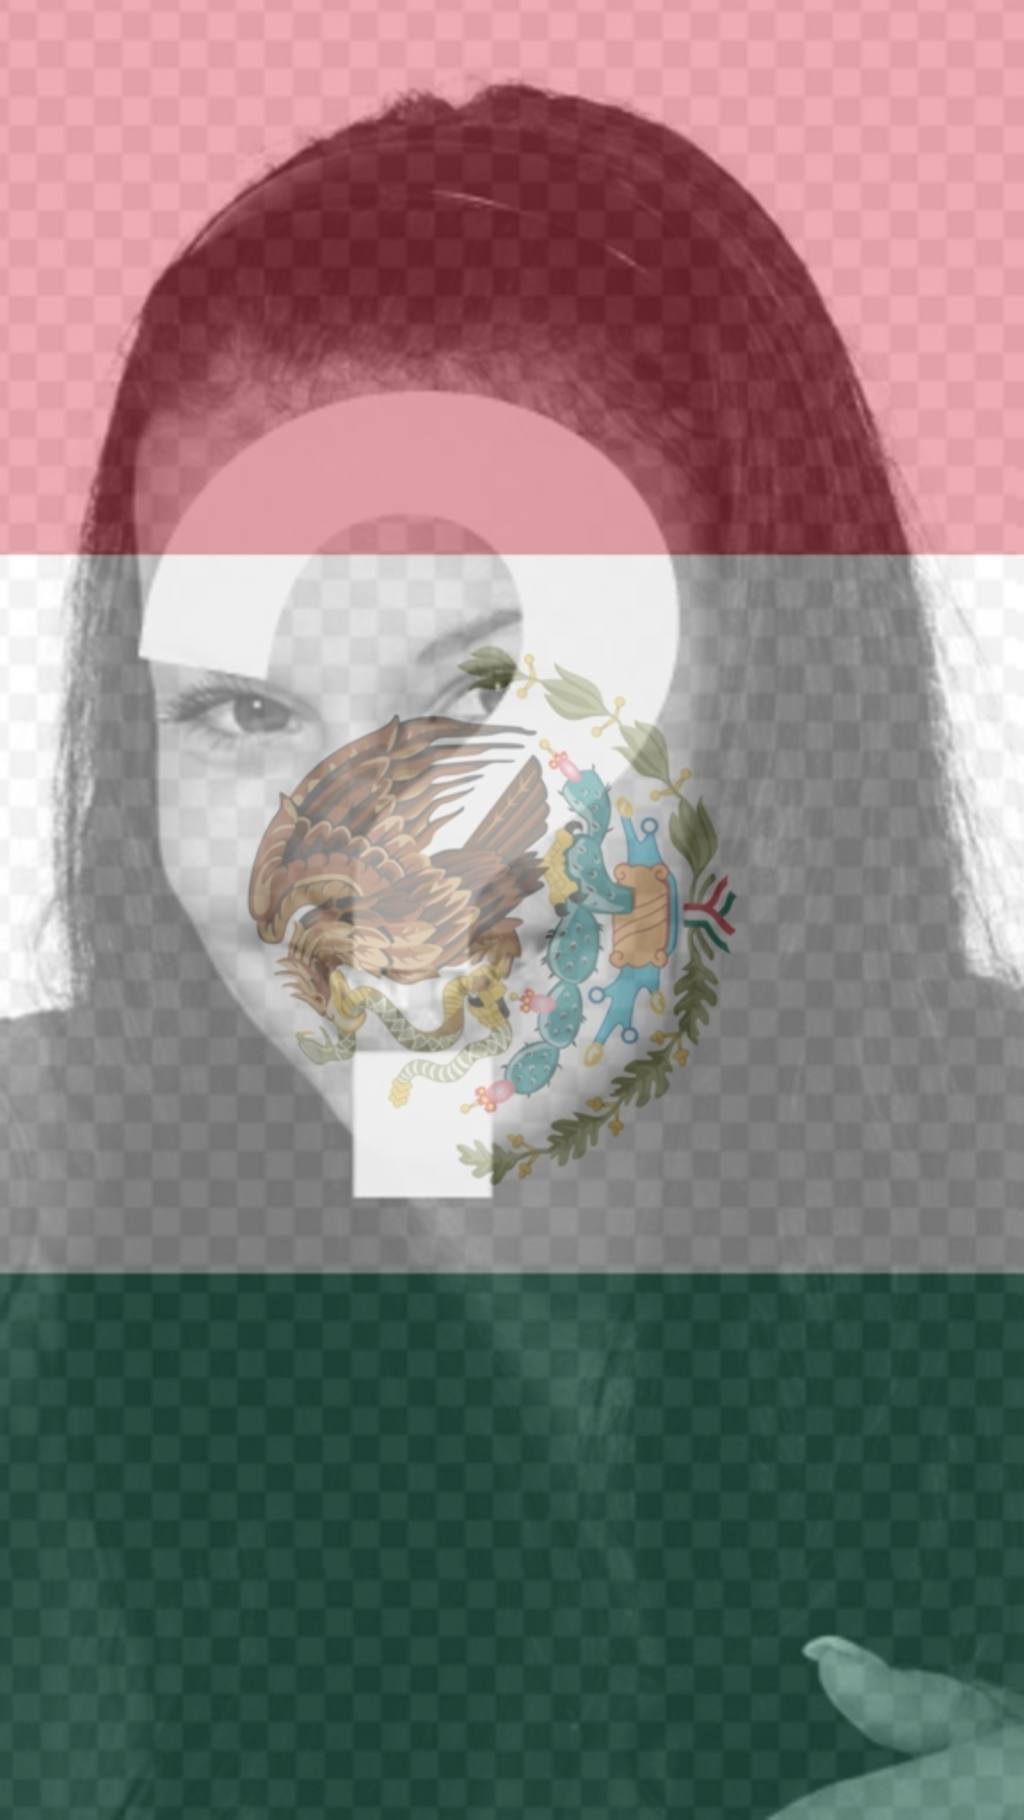 Fond pour votre téléphone portable avec le drapeau du Mexique comme un filtre avec votre photo